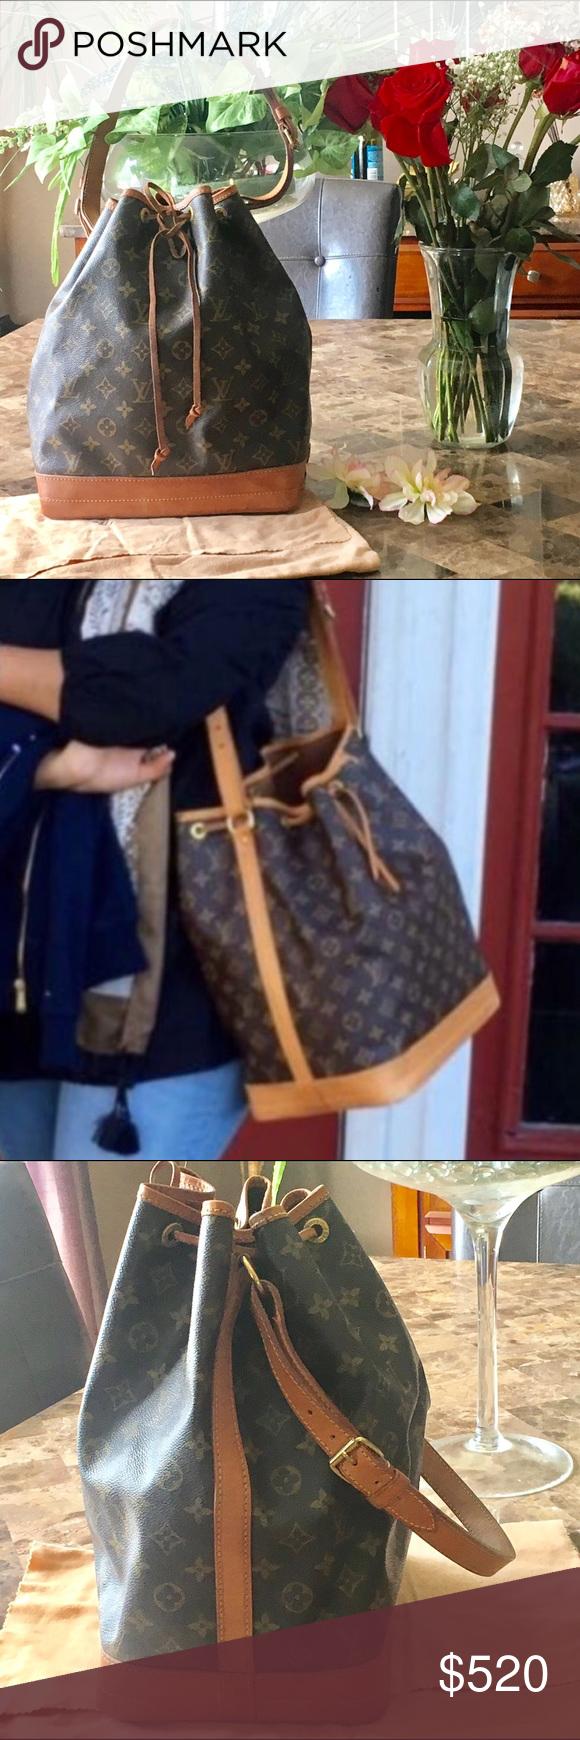 c3830d895338 100% Authentic Louis Vuitton NOE shoulder bag 100% Louis Vuitton NOE  monogram shoulder bag. Looks like new! Not original LV drawstring.